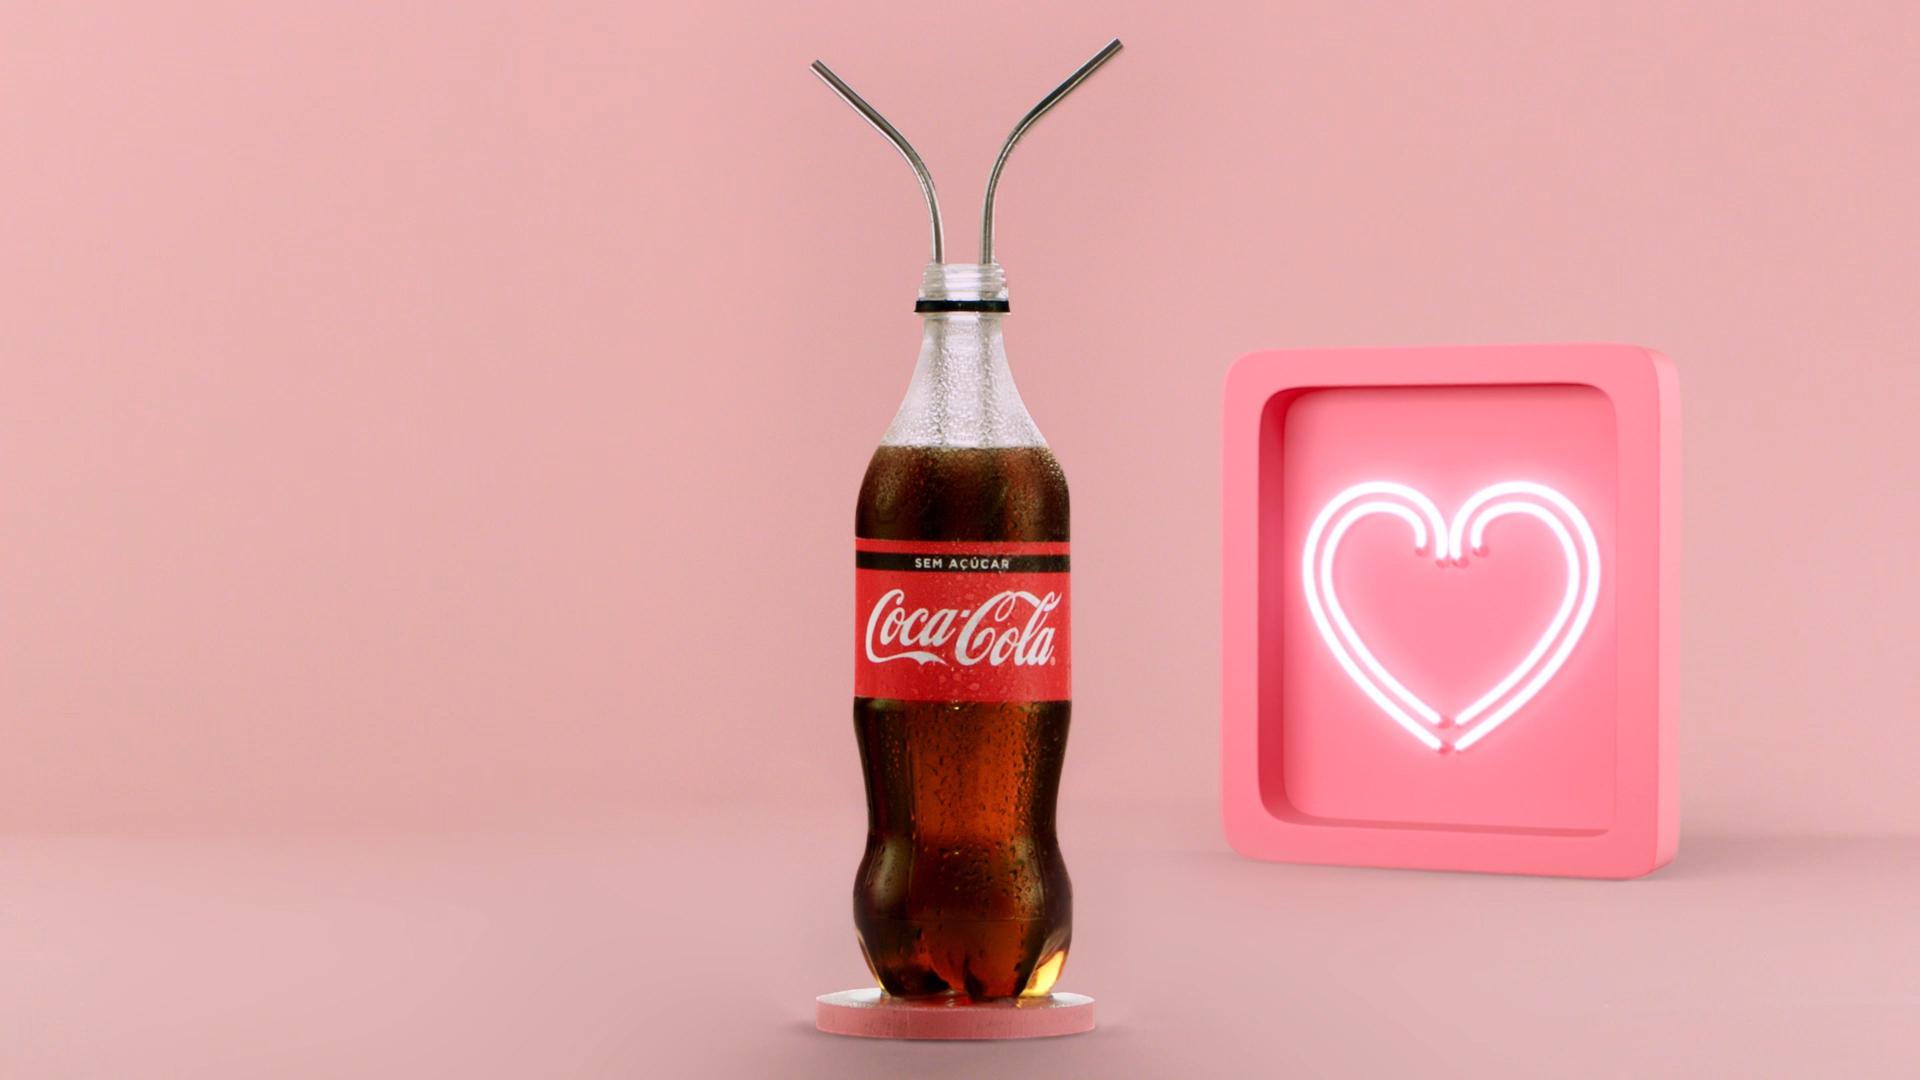 Na imagem, há uma garrafa de Coca-Cola com dois canudos dentro. Ao lado, um coração rosa com neon branco.